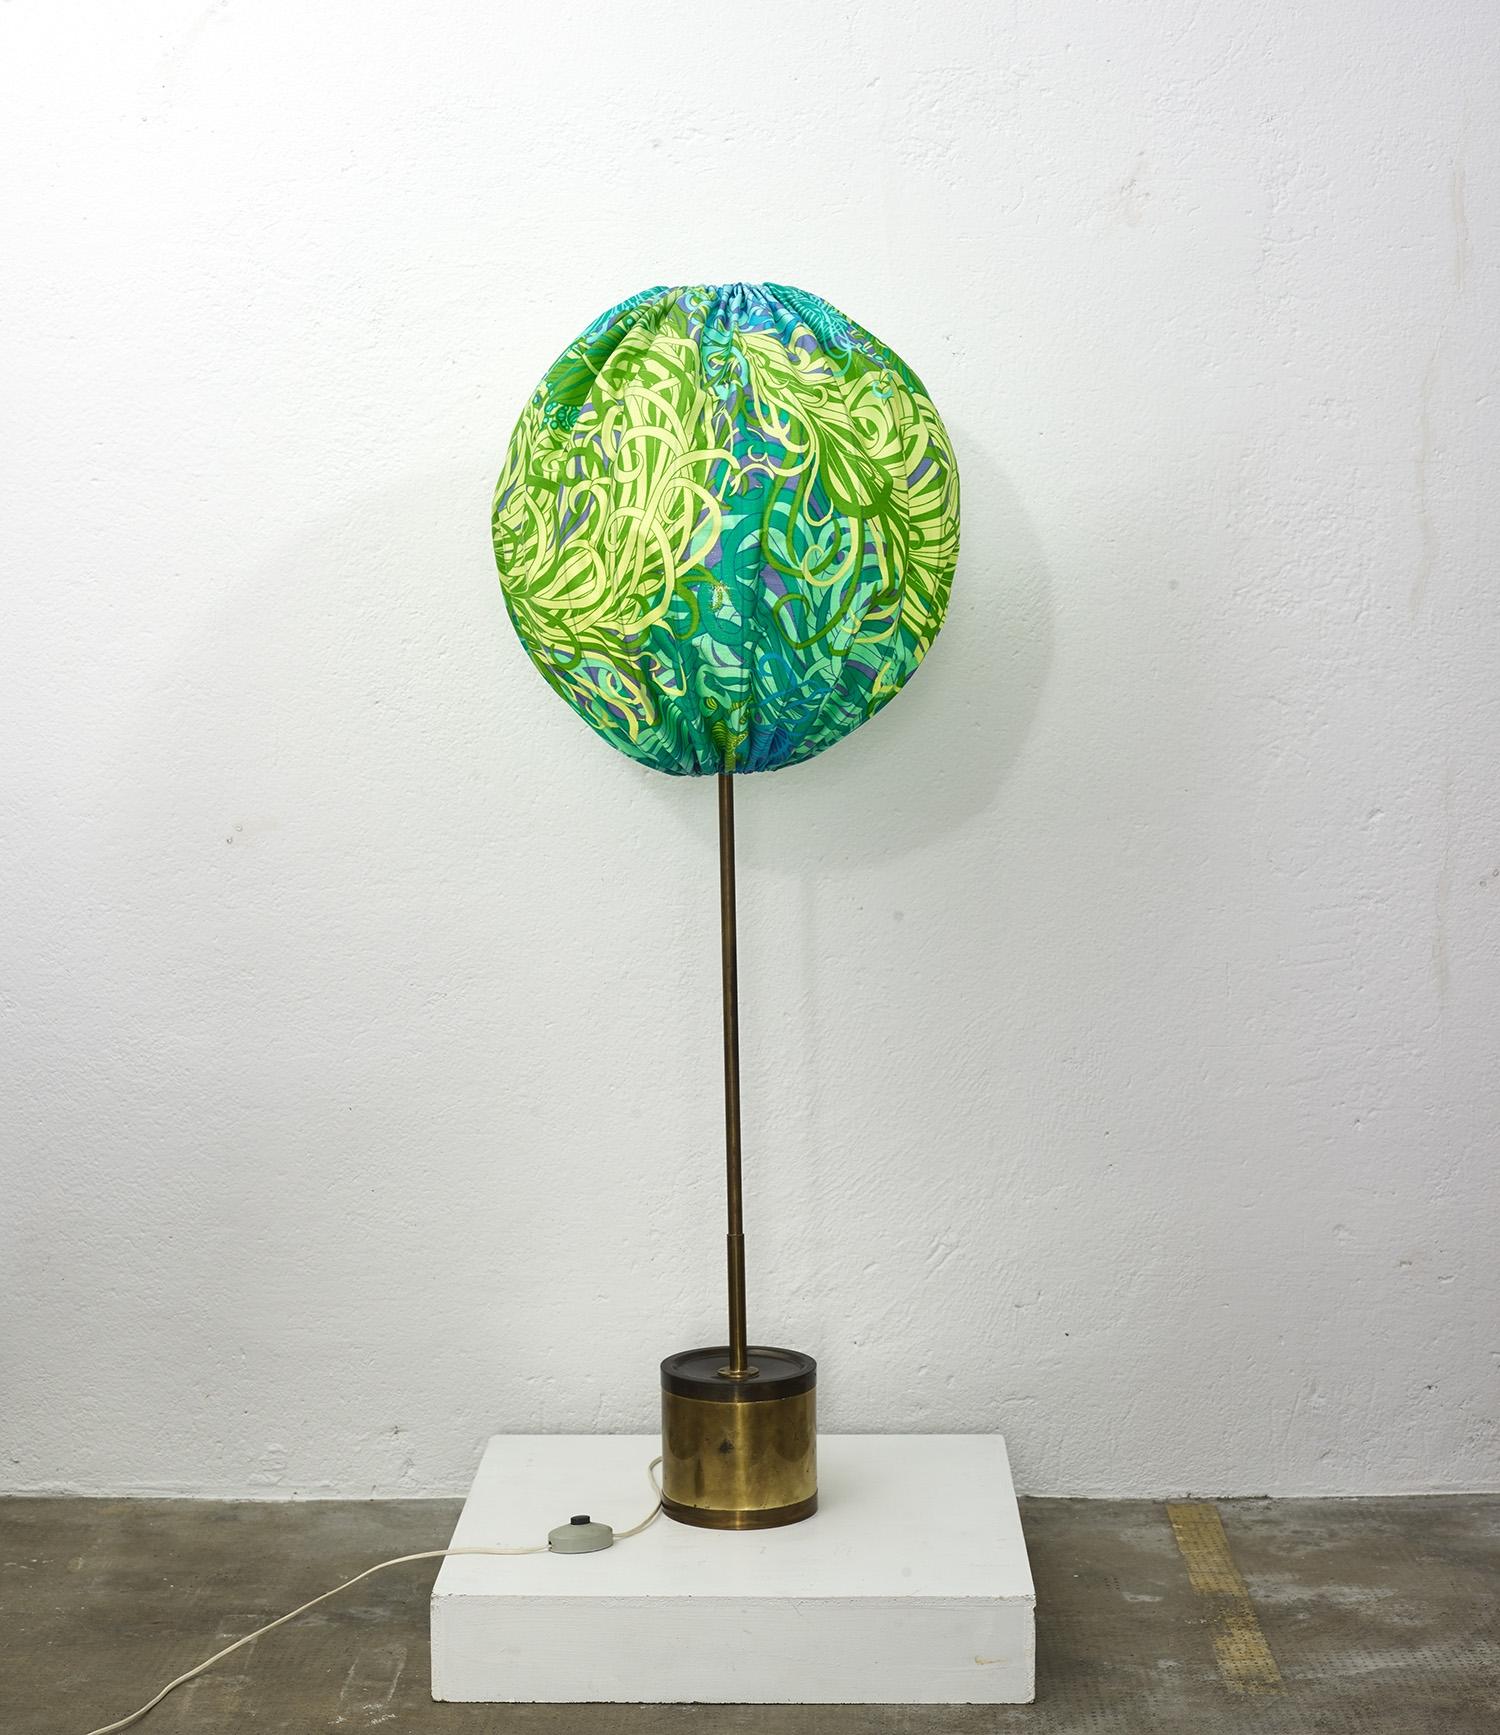 hans-agne-jakobsson-model-g123-balloon-floor-lamps-image-01